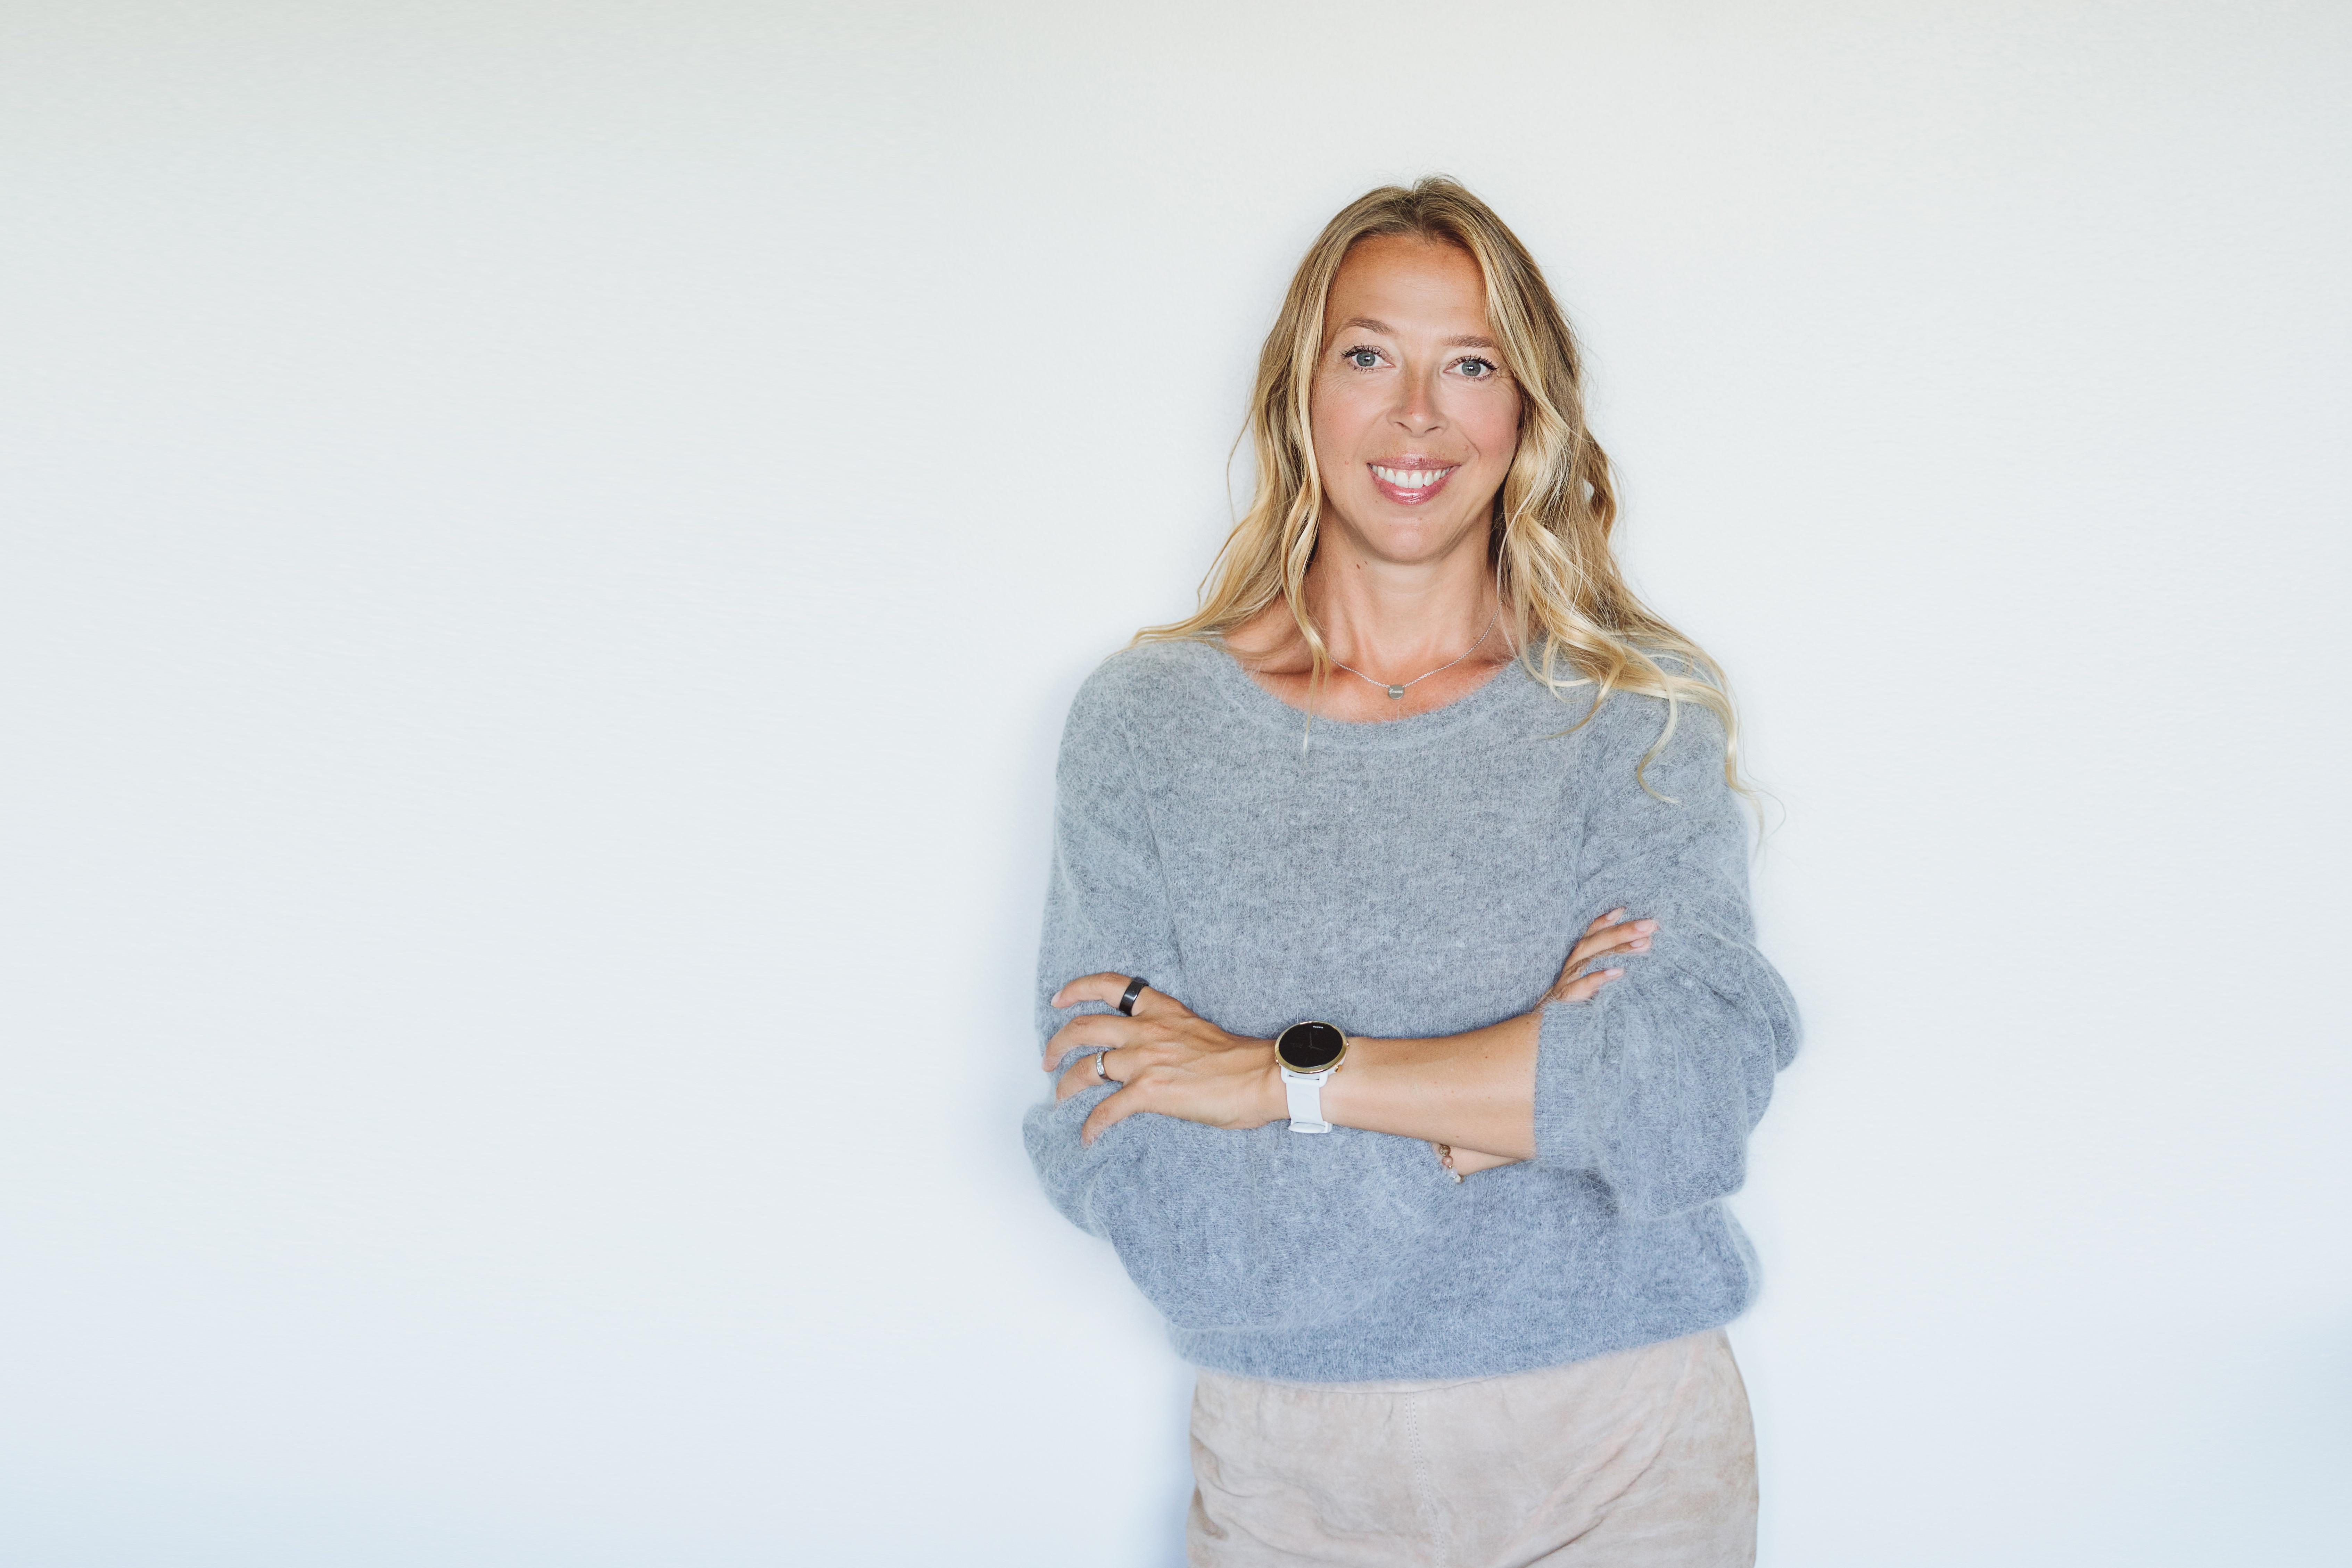 Uuden IR Insights -liiketoiminnan johtajaksi on nimitetty Minna Avellan (KTM, CEFA) 1.9.2019 alkaen. Avellan toimi viimeksi Tikkurila Oyj:n sijoittajasuhde- ja viestintäjohtajana.